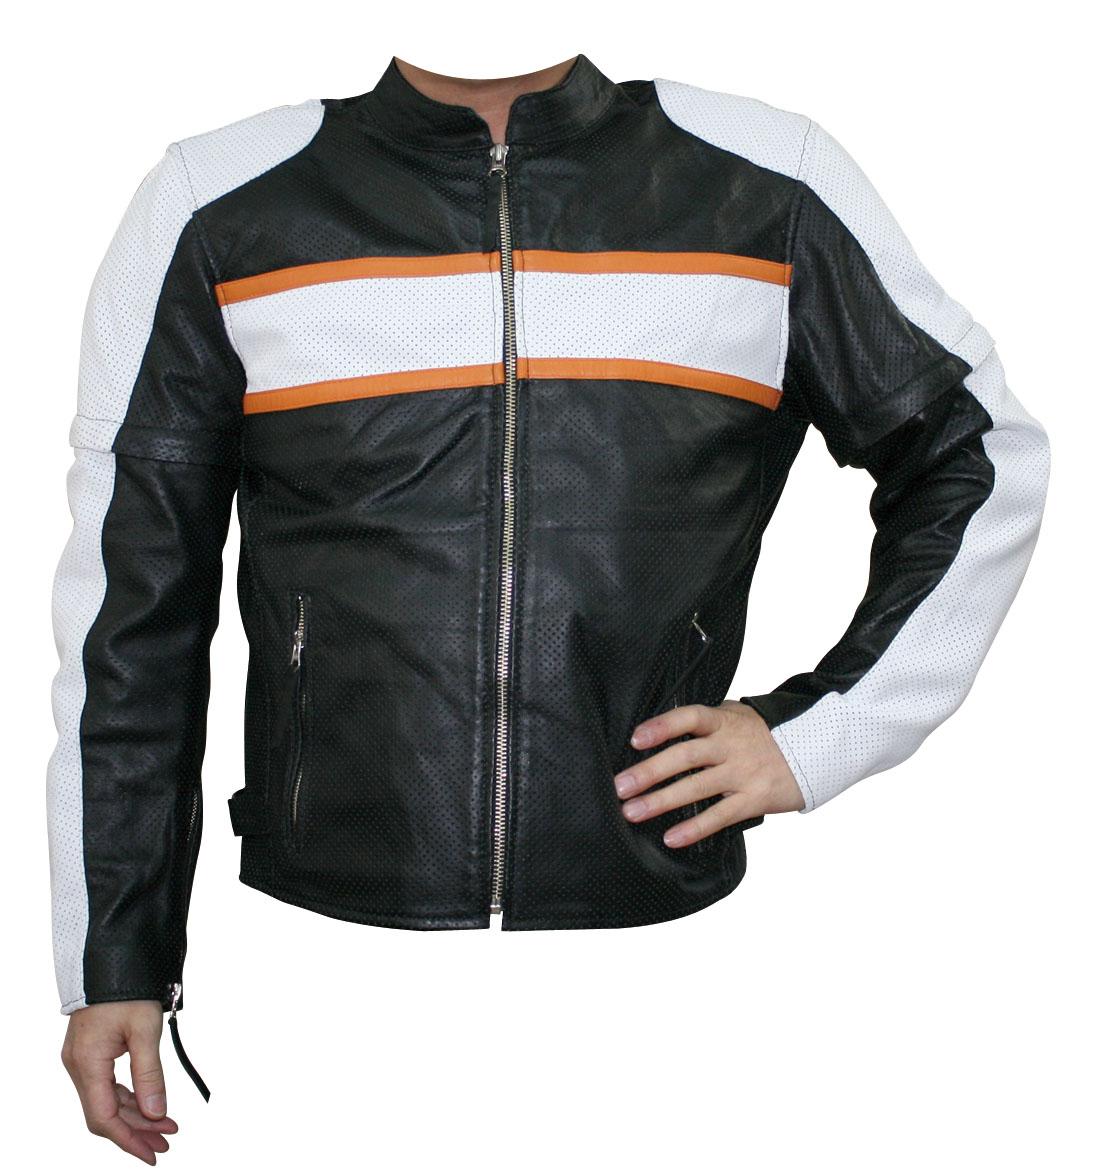 モトフィールド MOTO FIELD 春夏モデル シープパンチングレザージャケット 黒/白 LLサイズ MF-LJ019P HD店